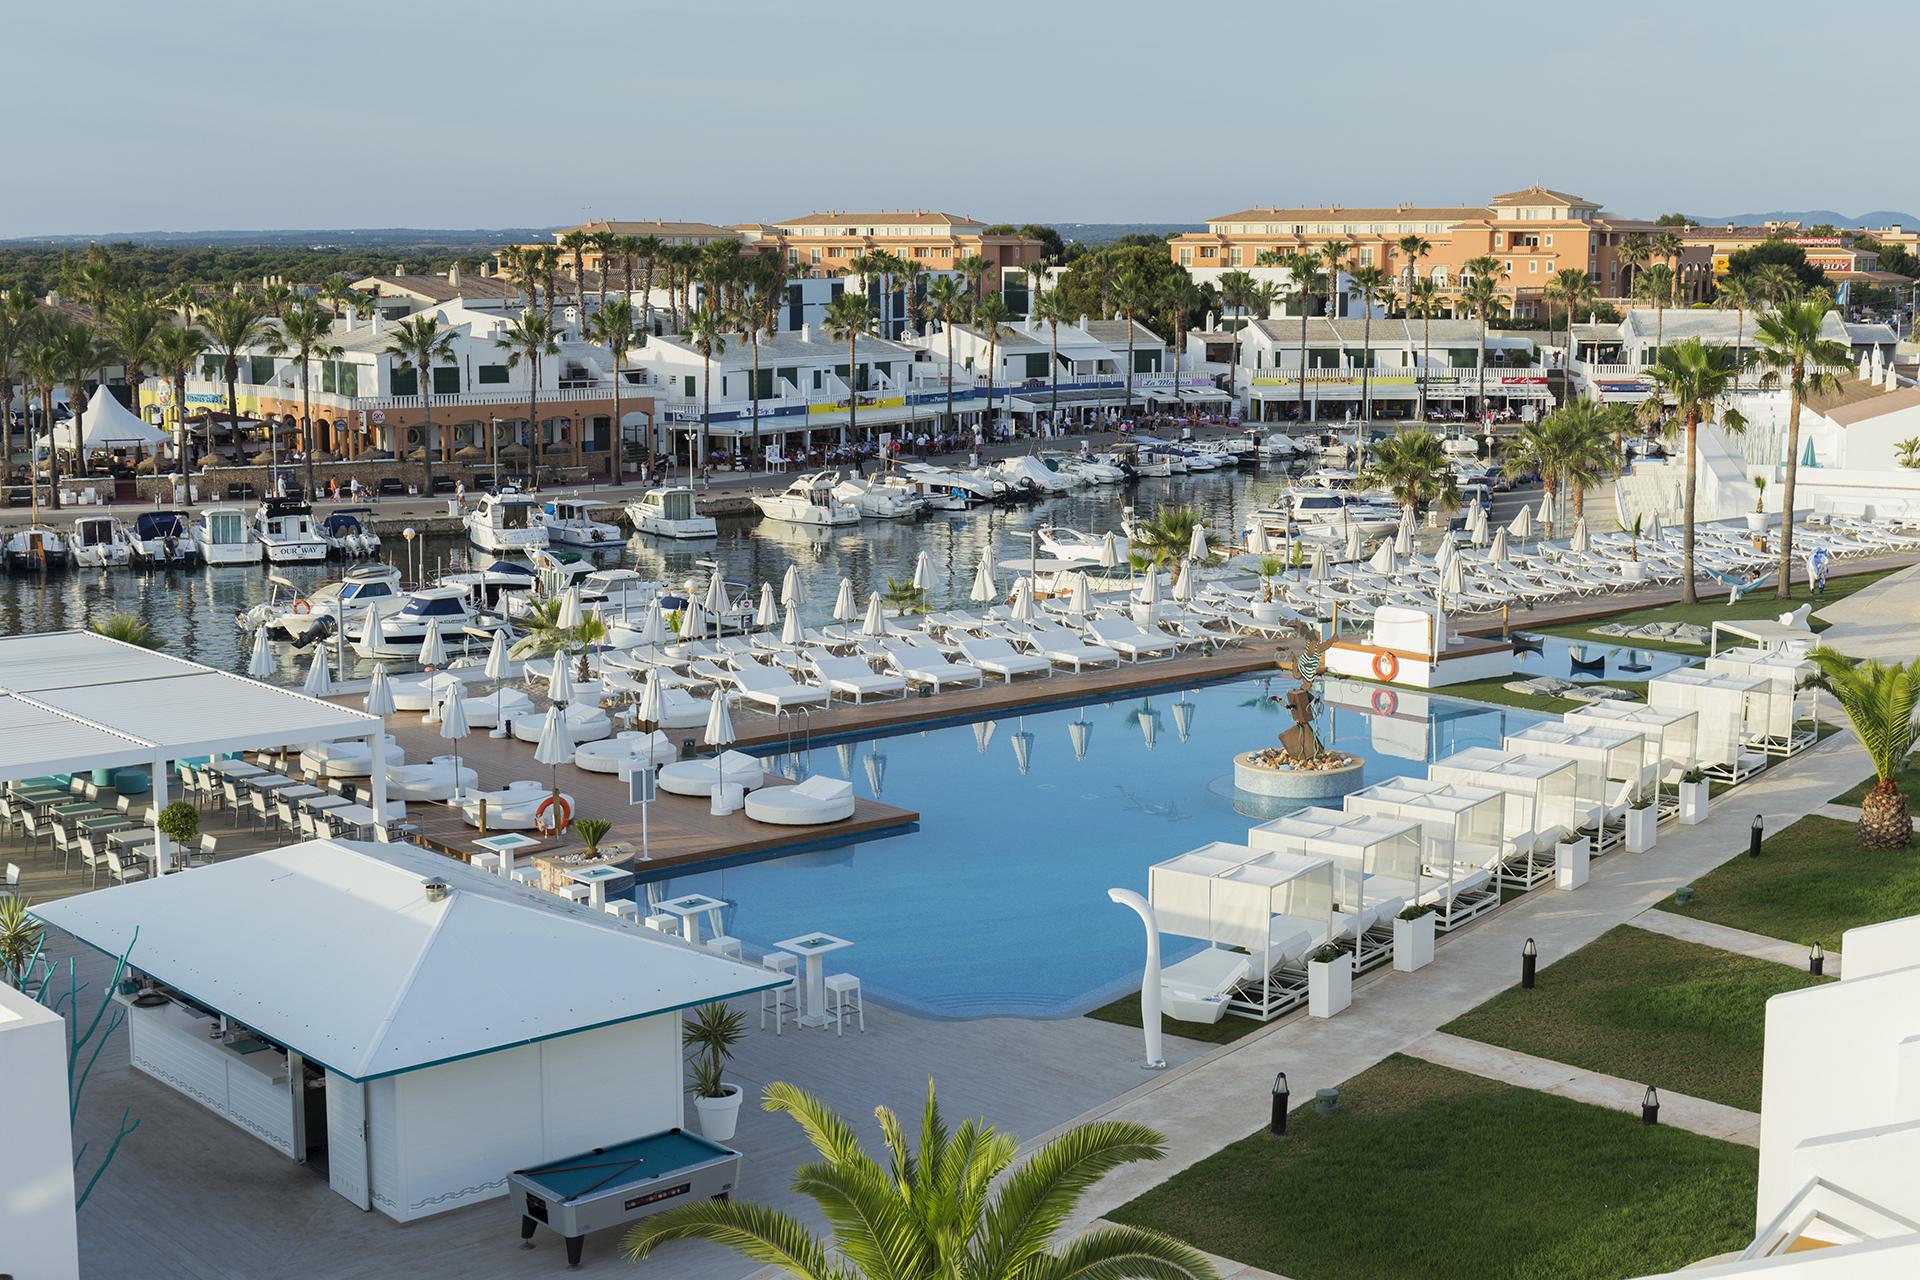 Beach club hotel casas del lago - Hotel casas del lago menorca ...